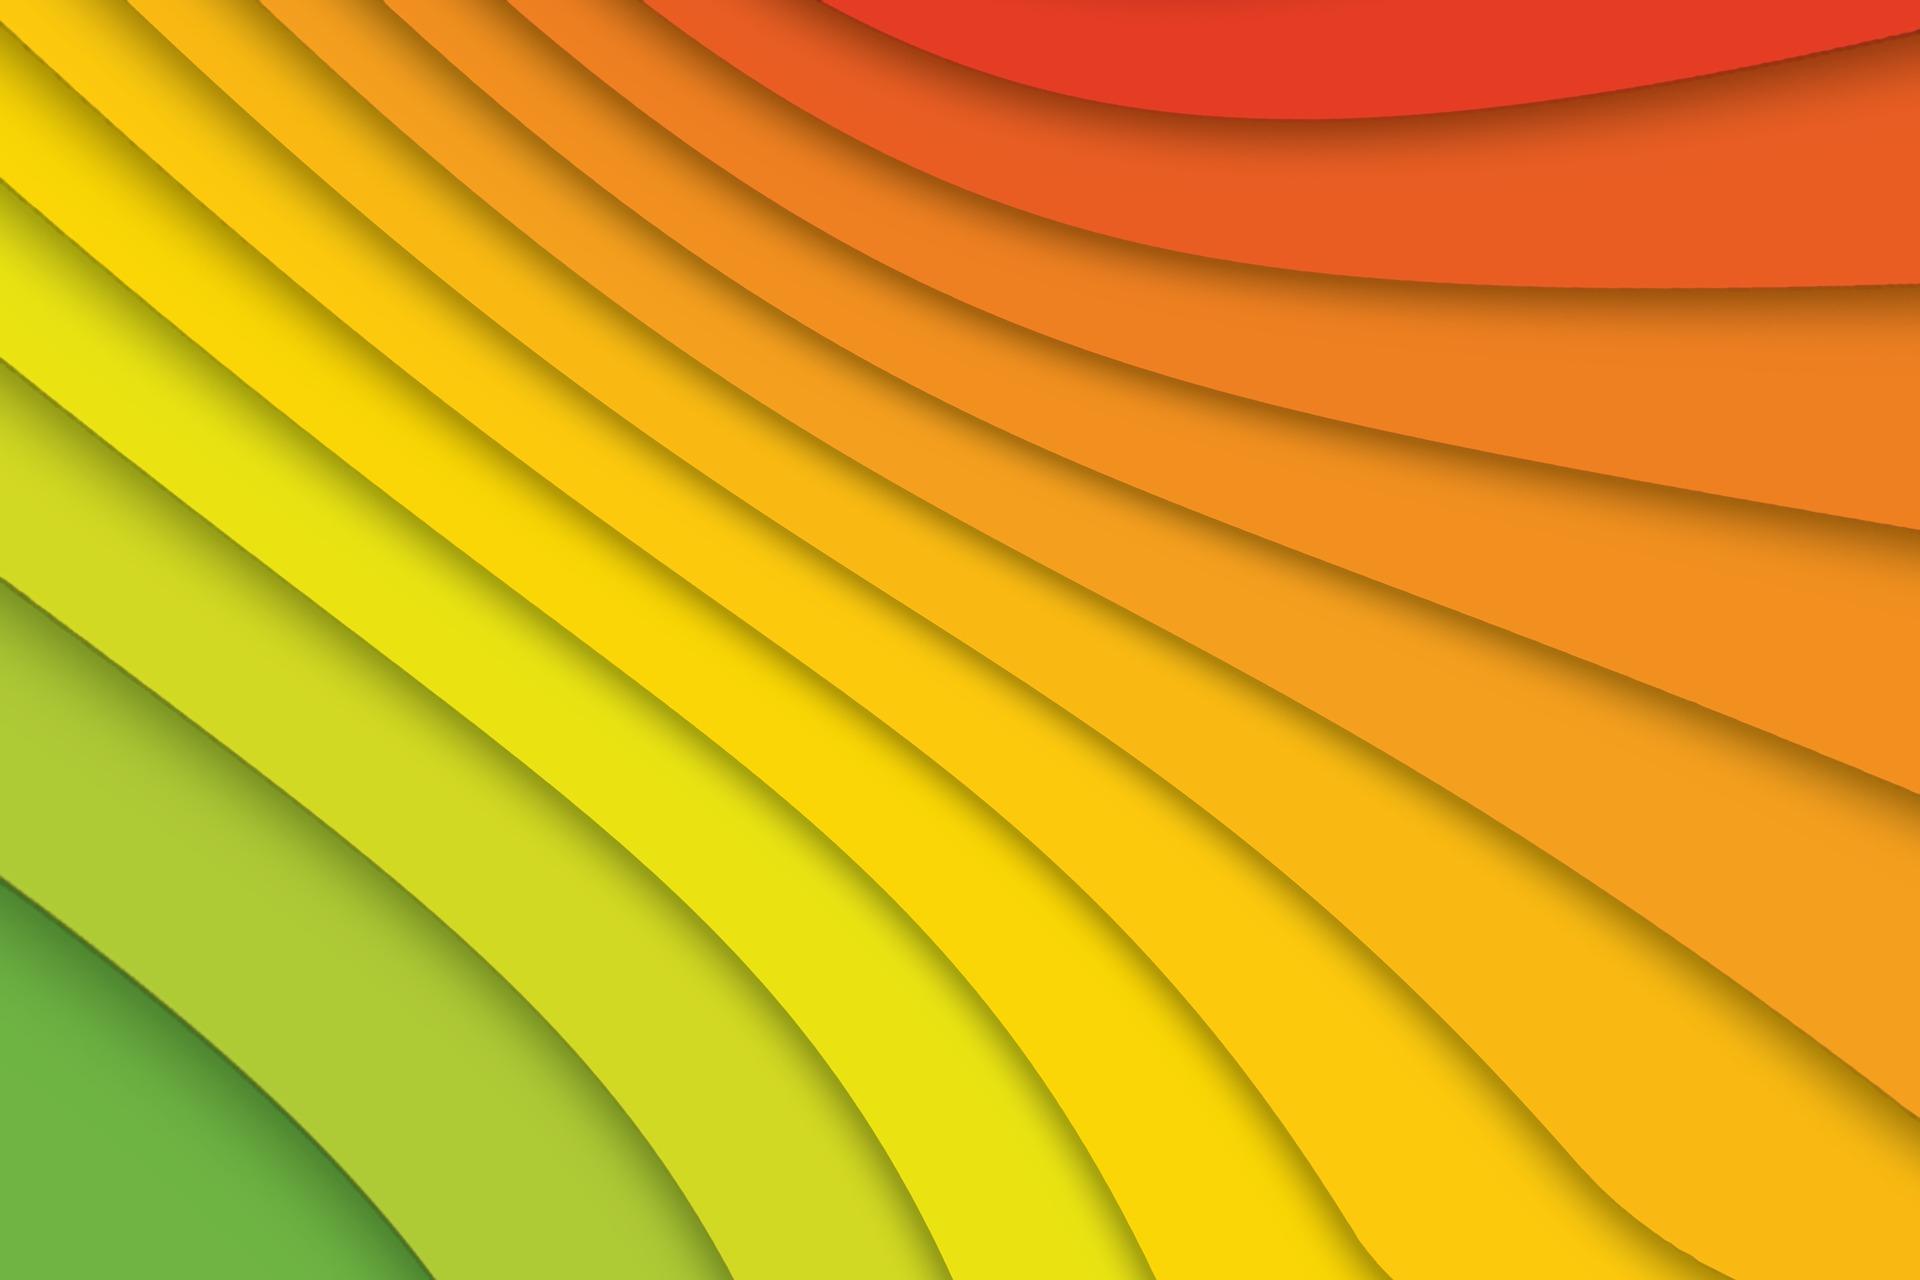 パターン, ライン, 色, torsión, レベル - HD の壁紙 - 教授-falken.com